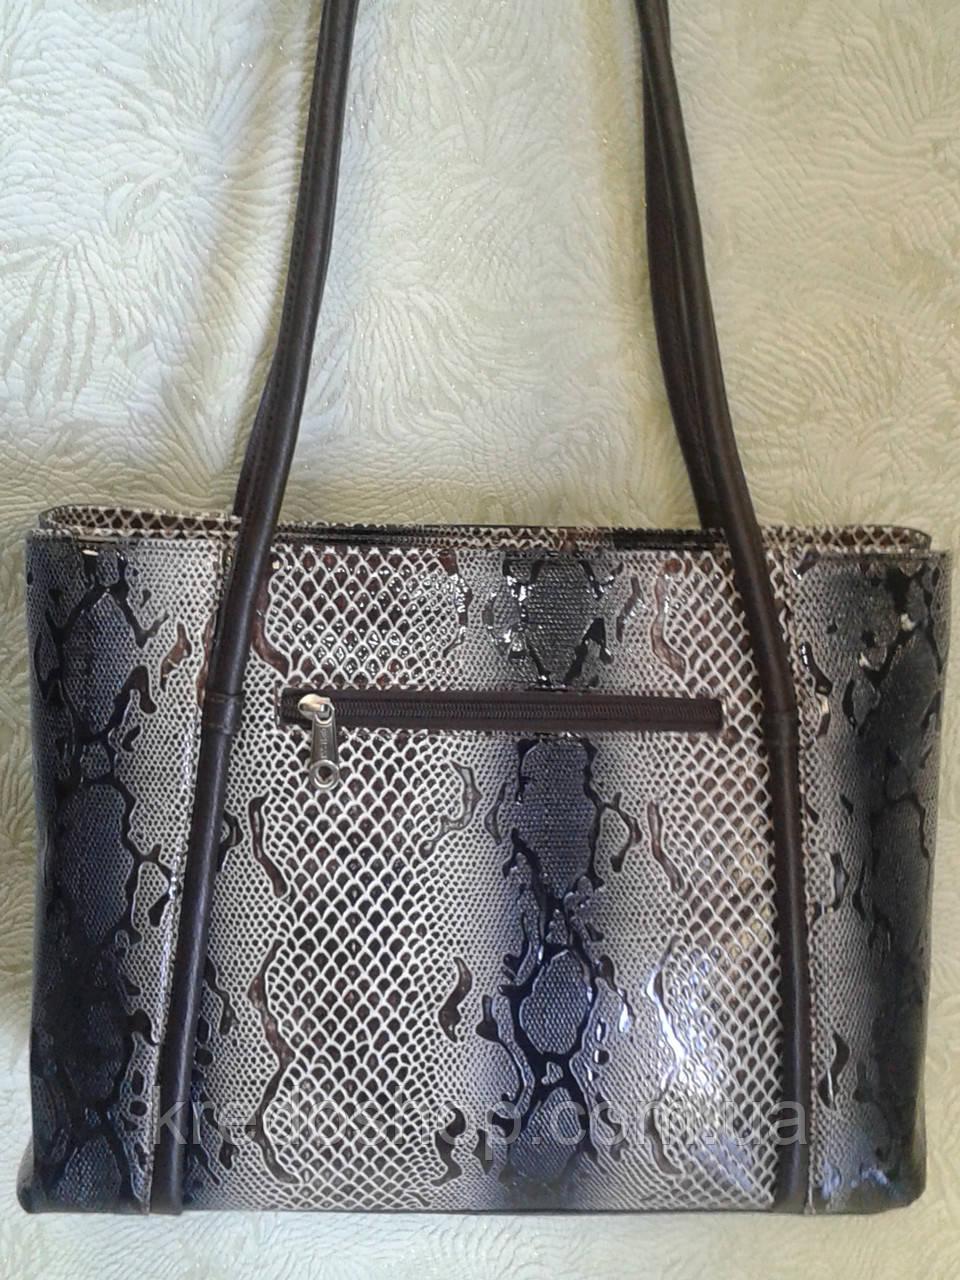 02f417fba44b Сумка женская кожаная Desisan,лаковая с тиснением(Турция) -  Интернет-магазин сумок